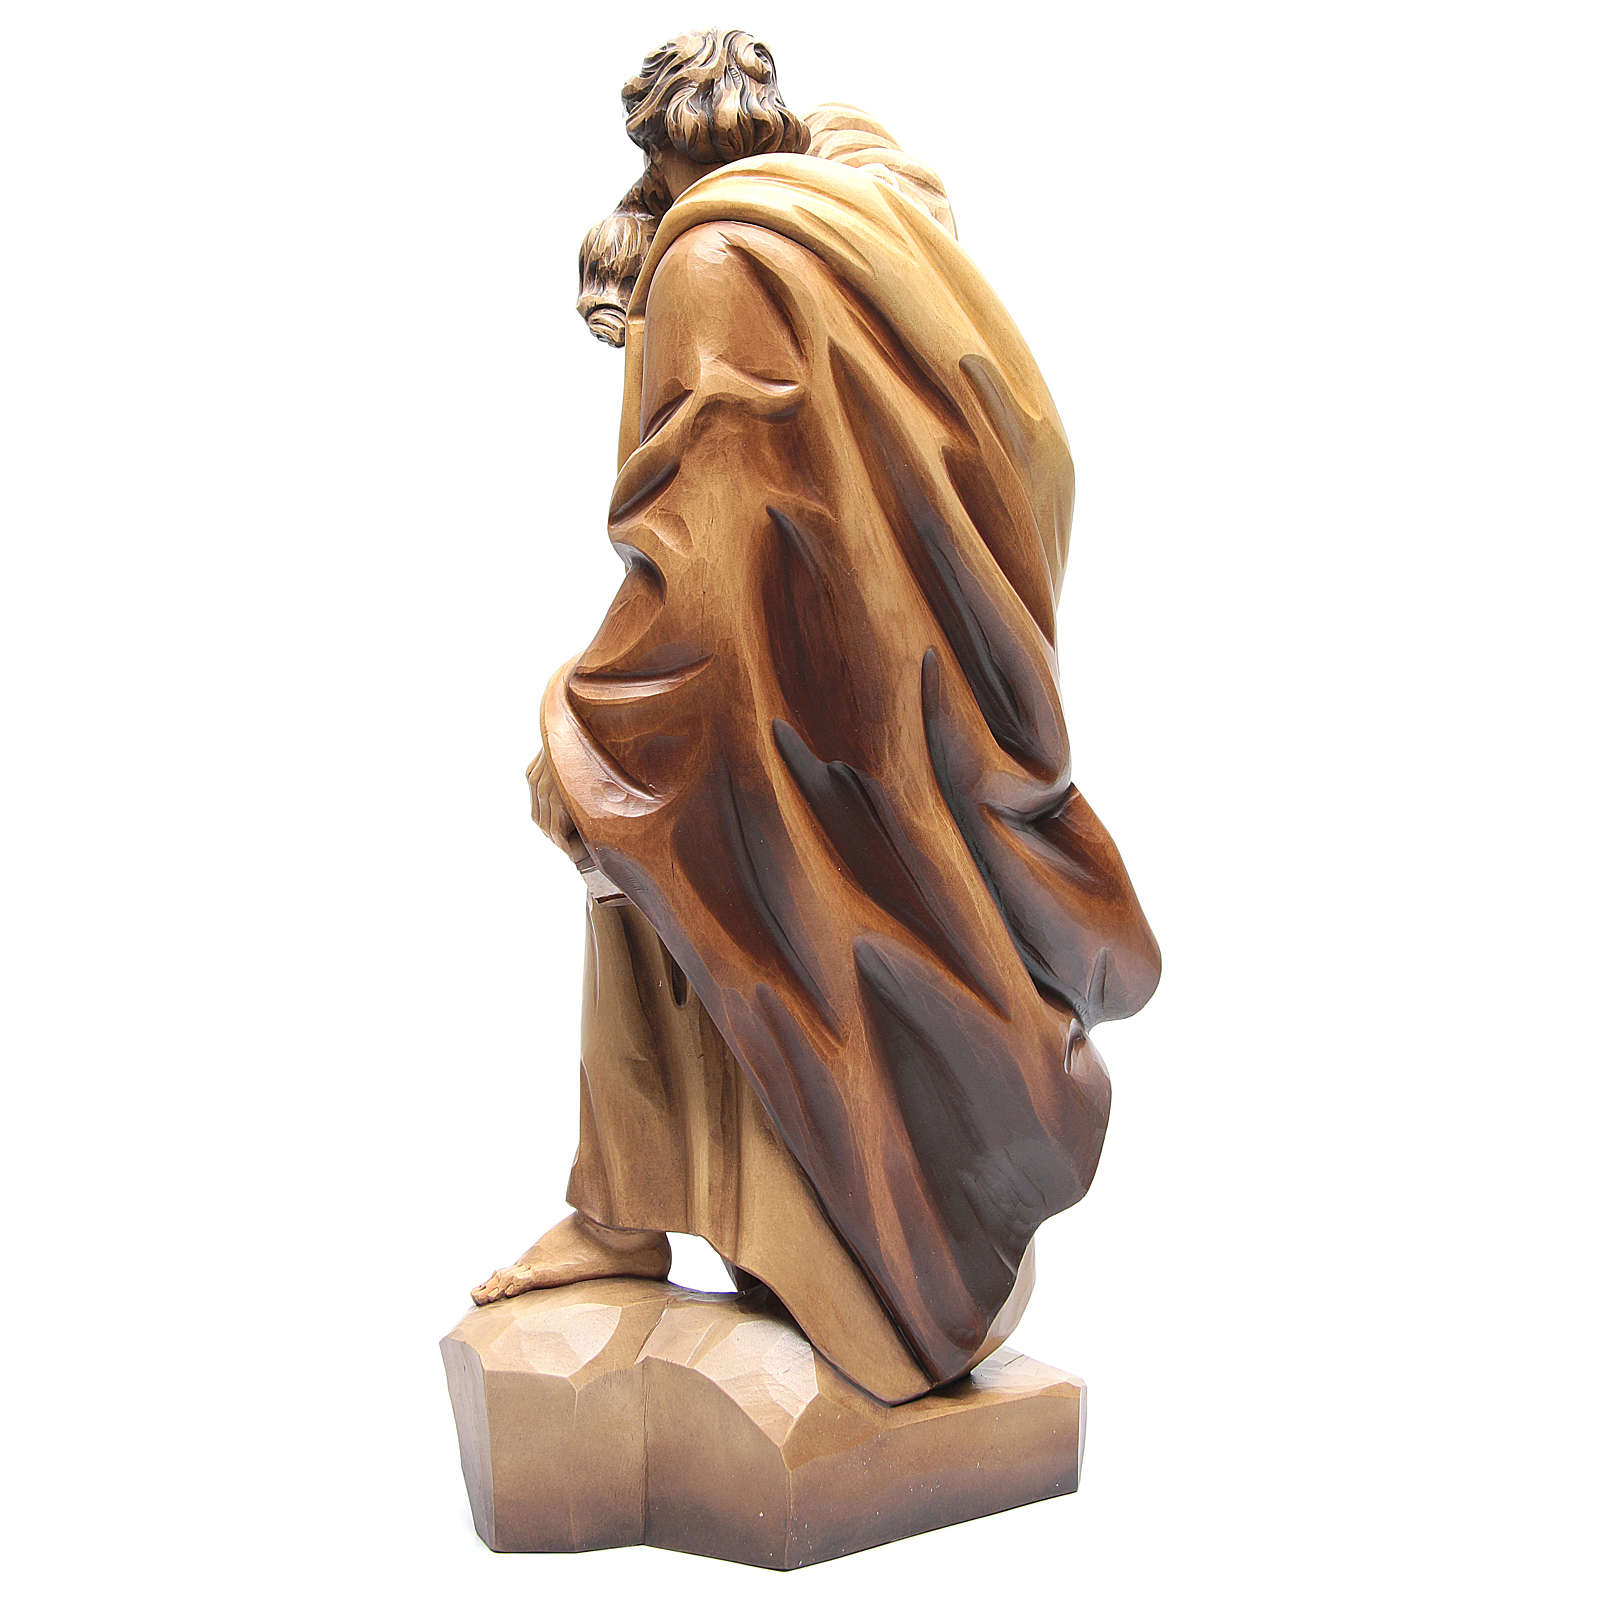 San Pablo de madera, acabado con diferentes matices de marrón 4